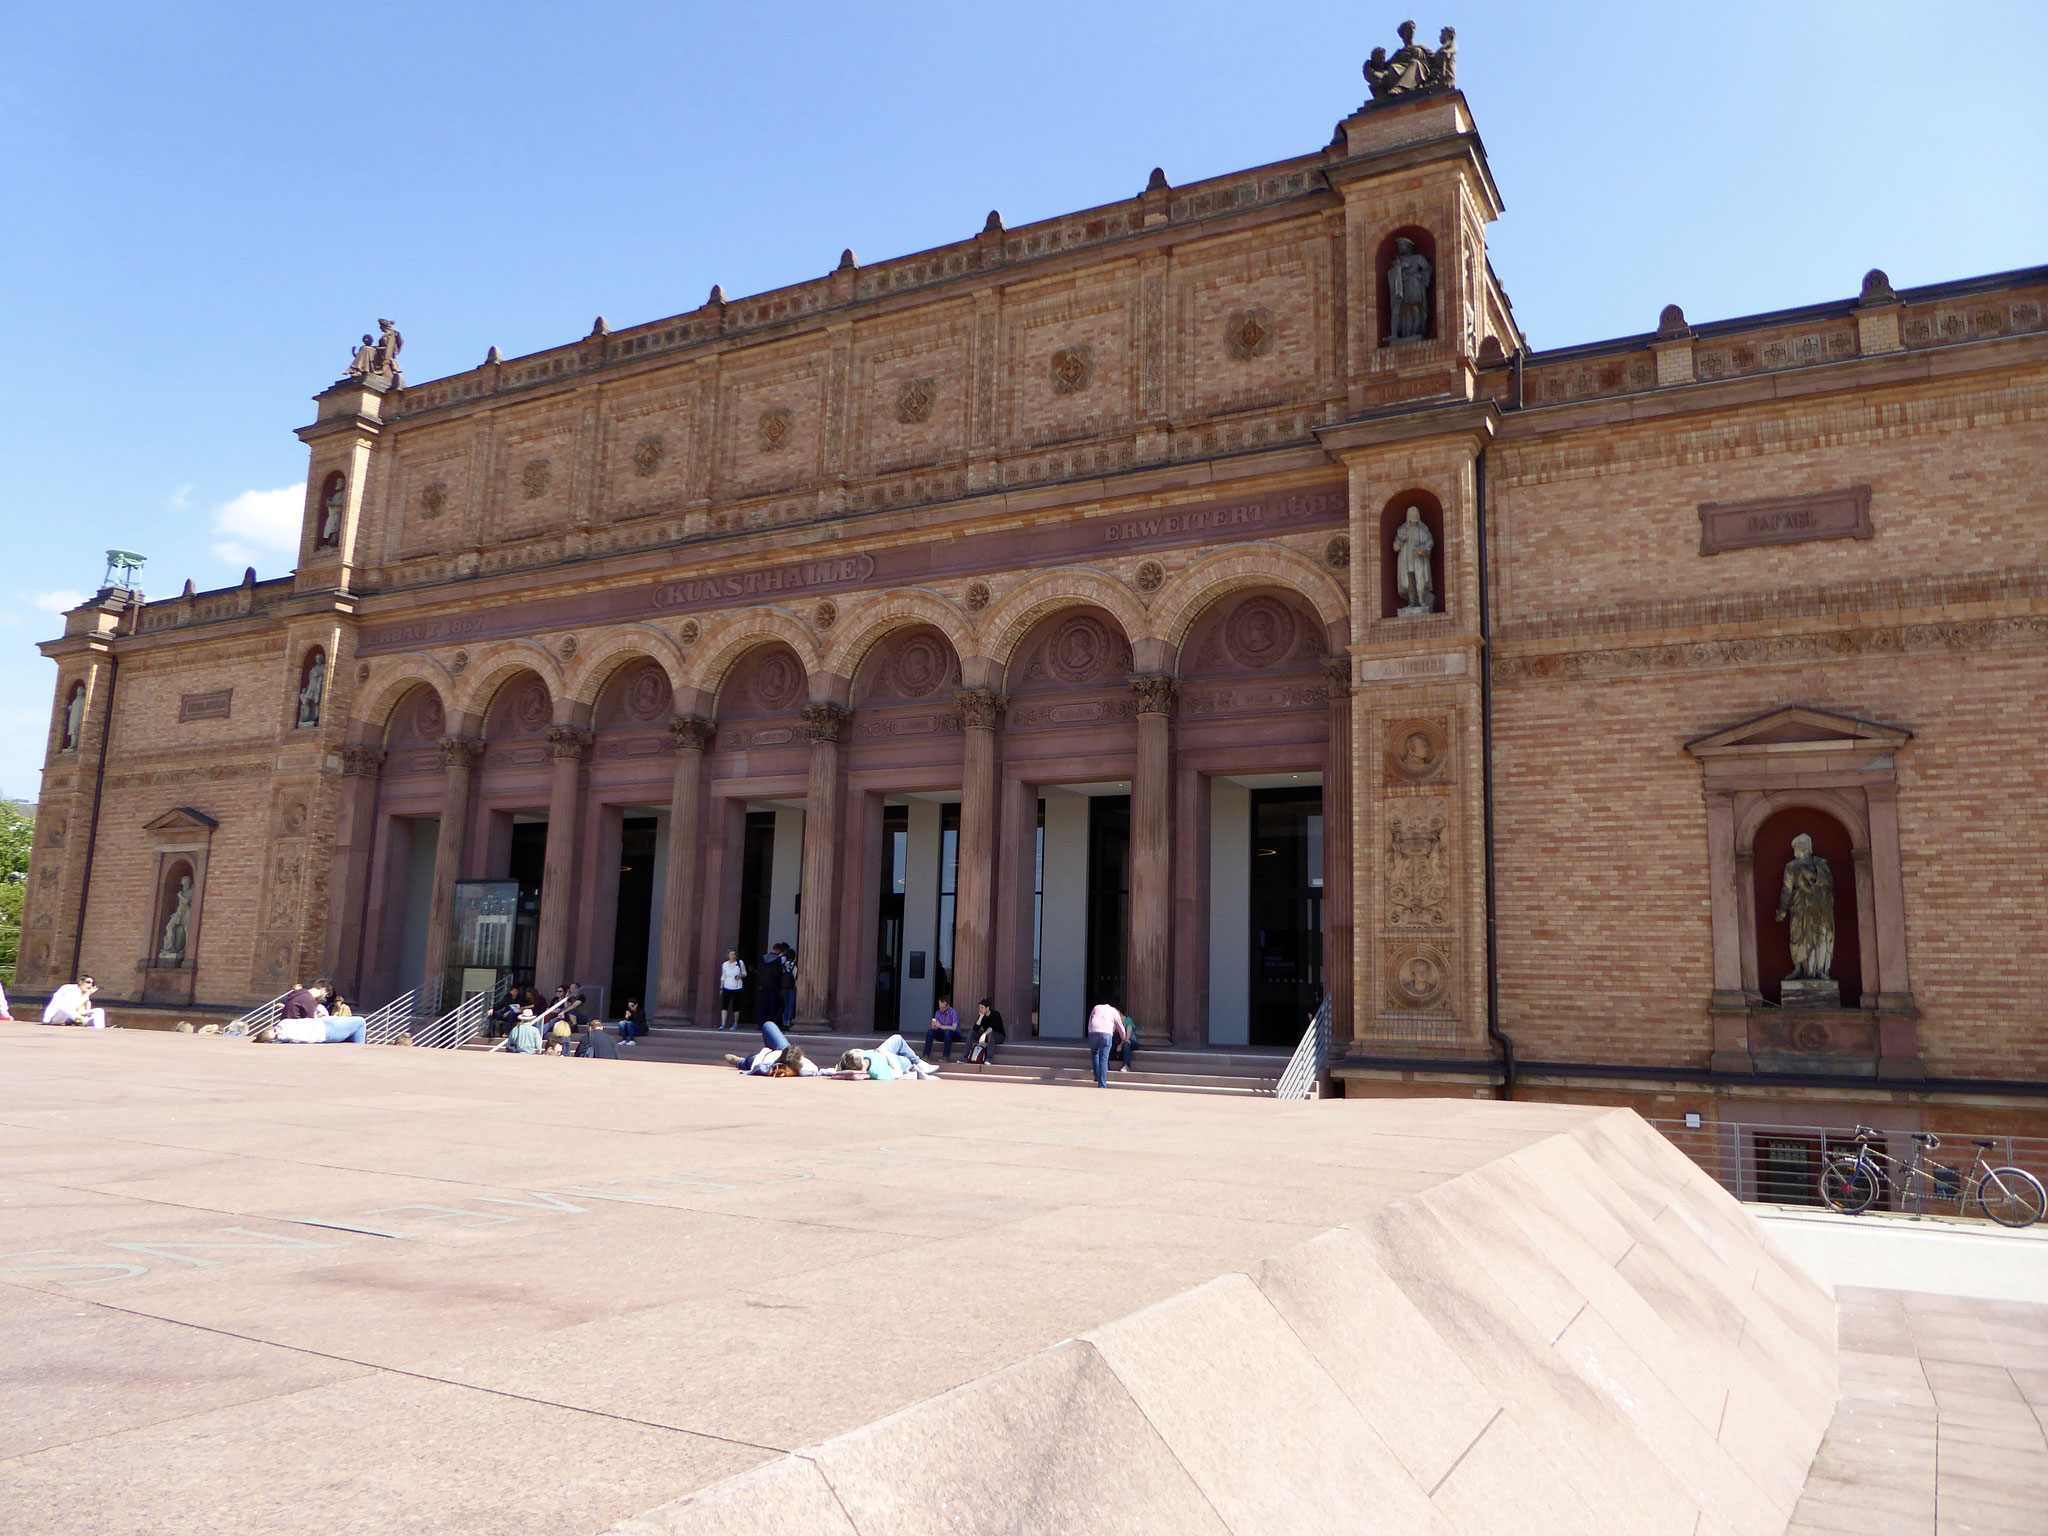 Blick auf den Eingang der alten Kunsthalle